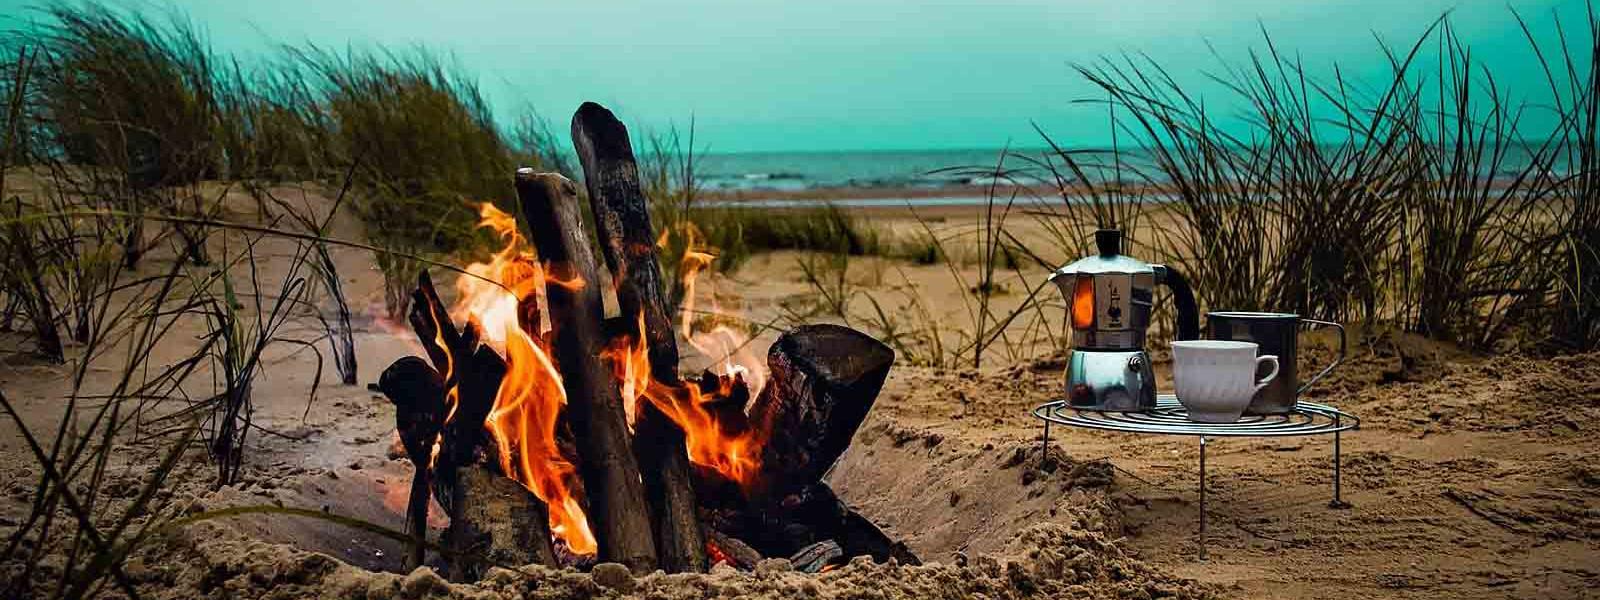 Zelten am Strand am Meer